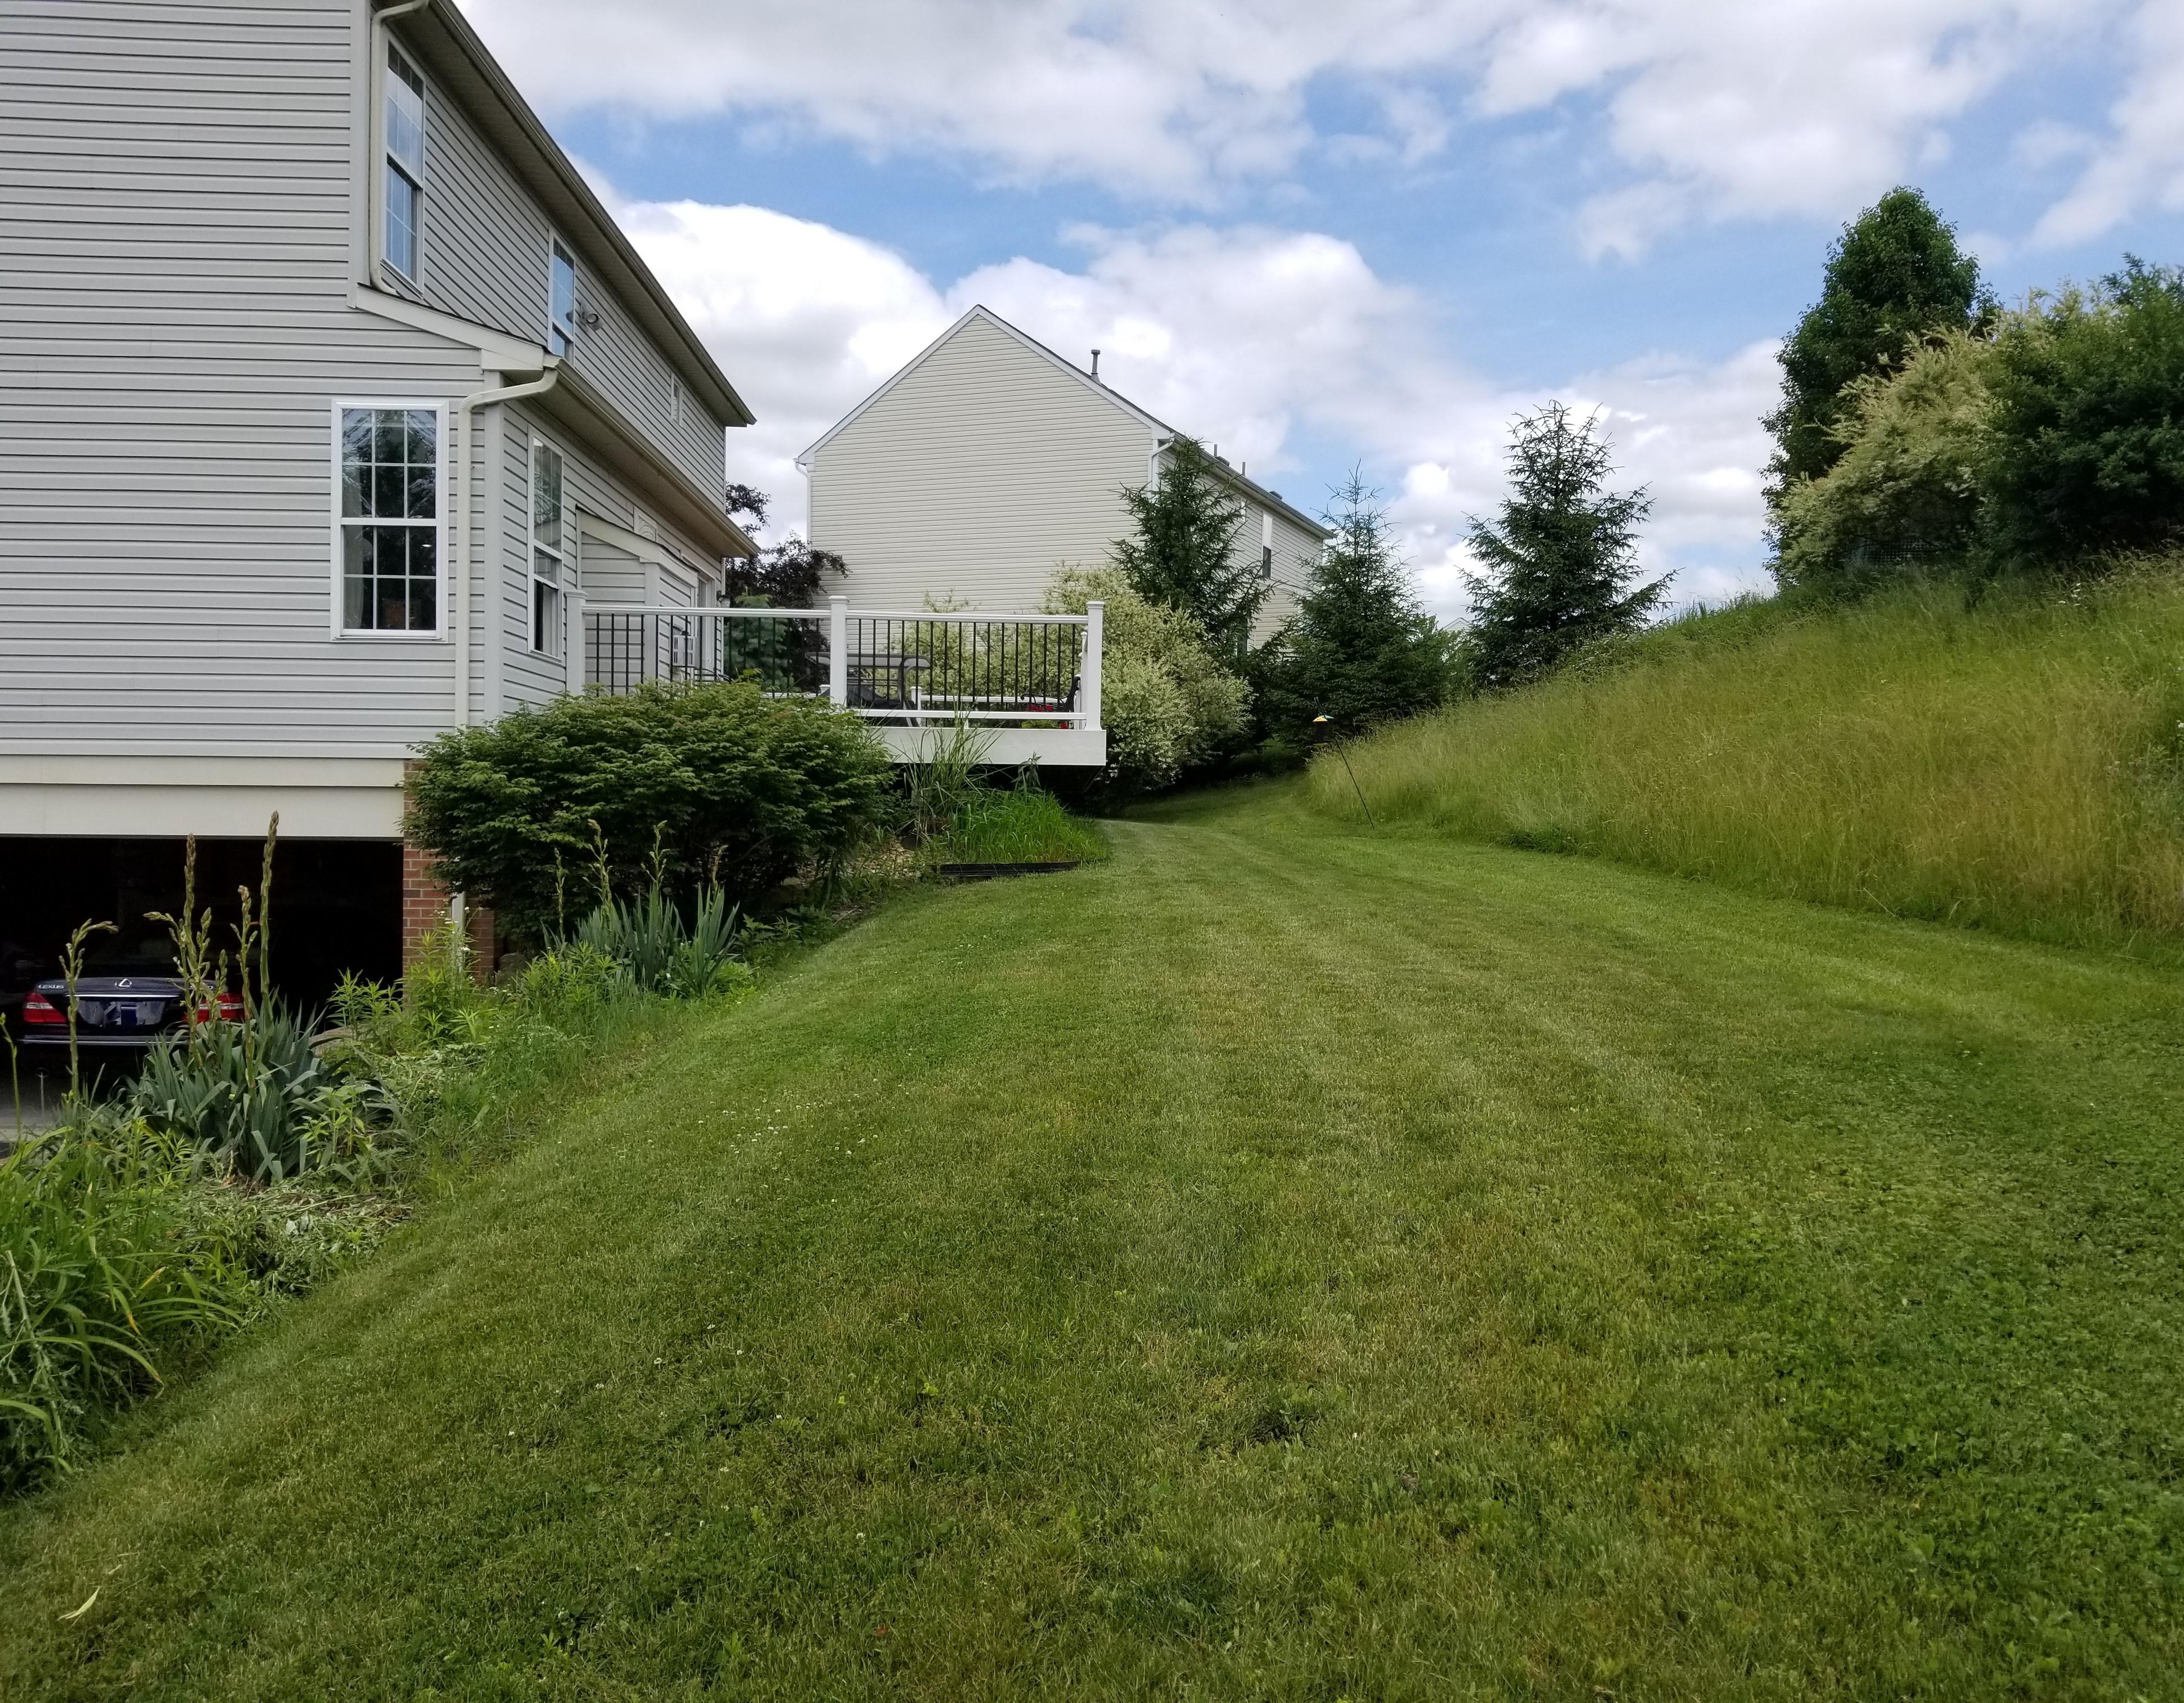 Photo of 307 Dana Ct, Gibsonia, PA, 15044